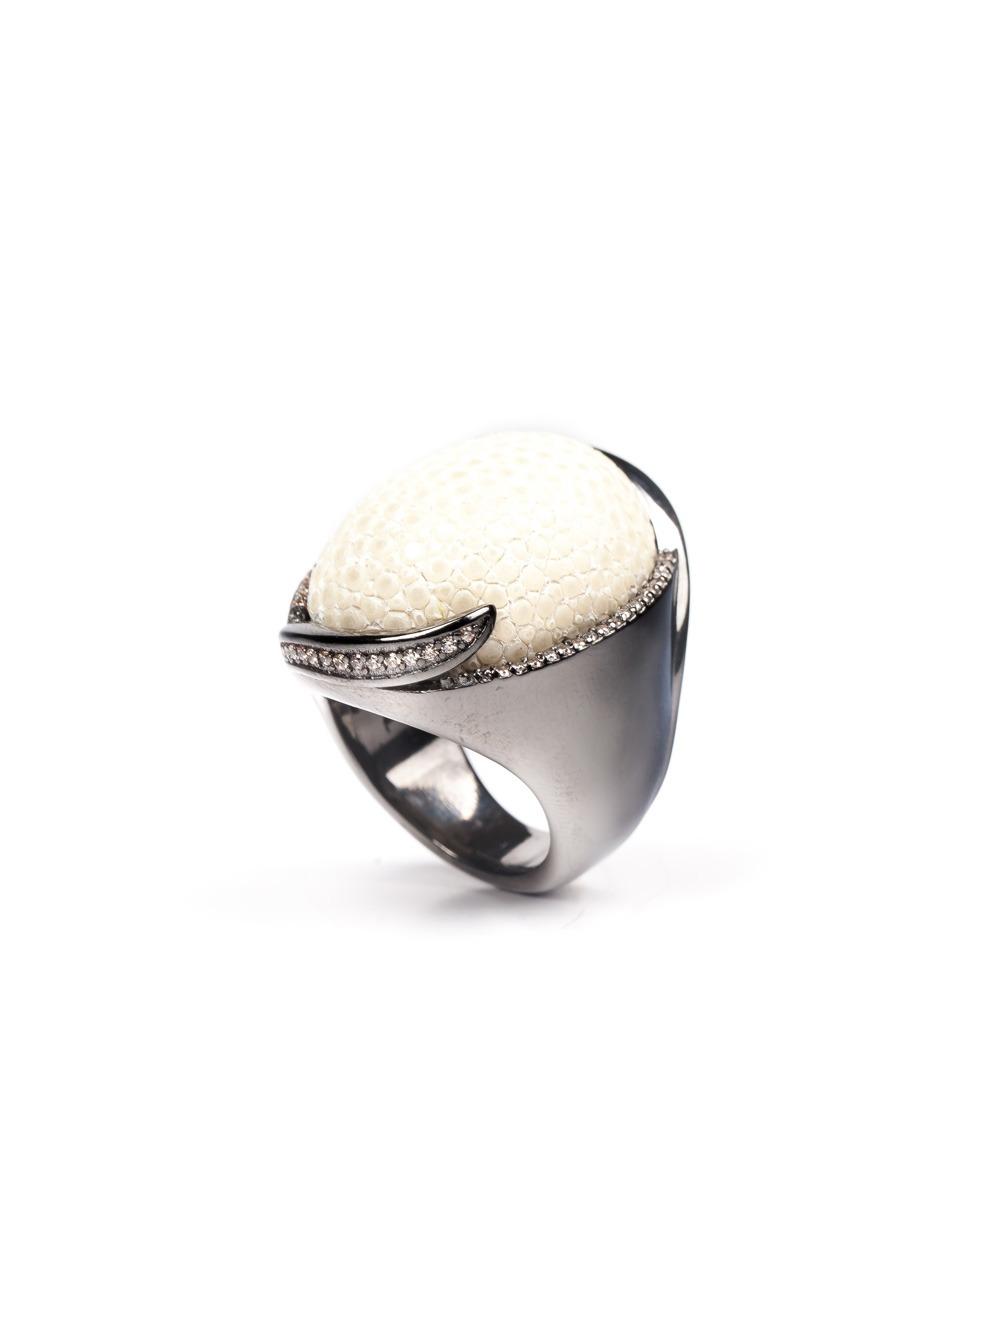 Anel em prata om ródio negro com zircônias e goulash branco